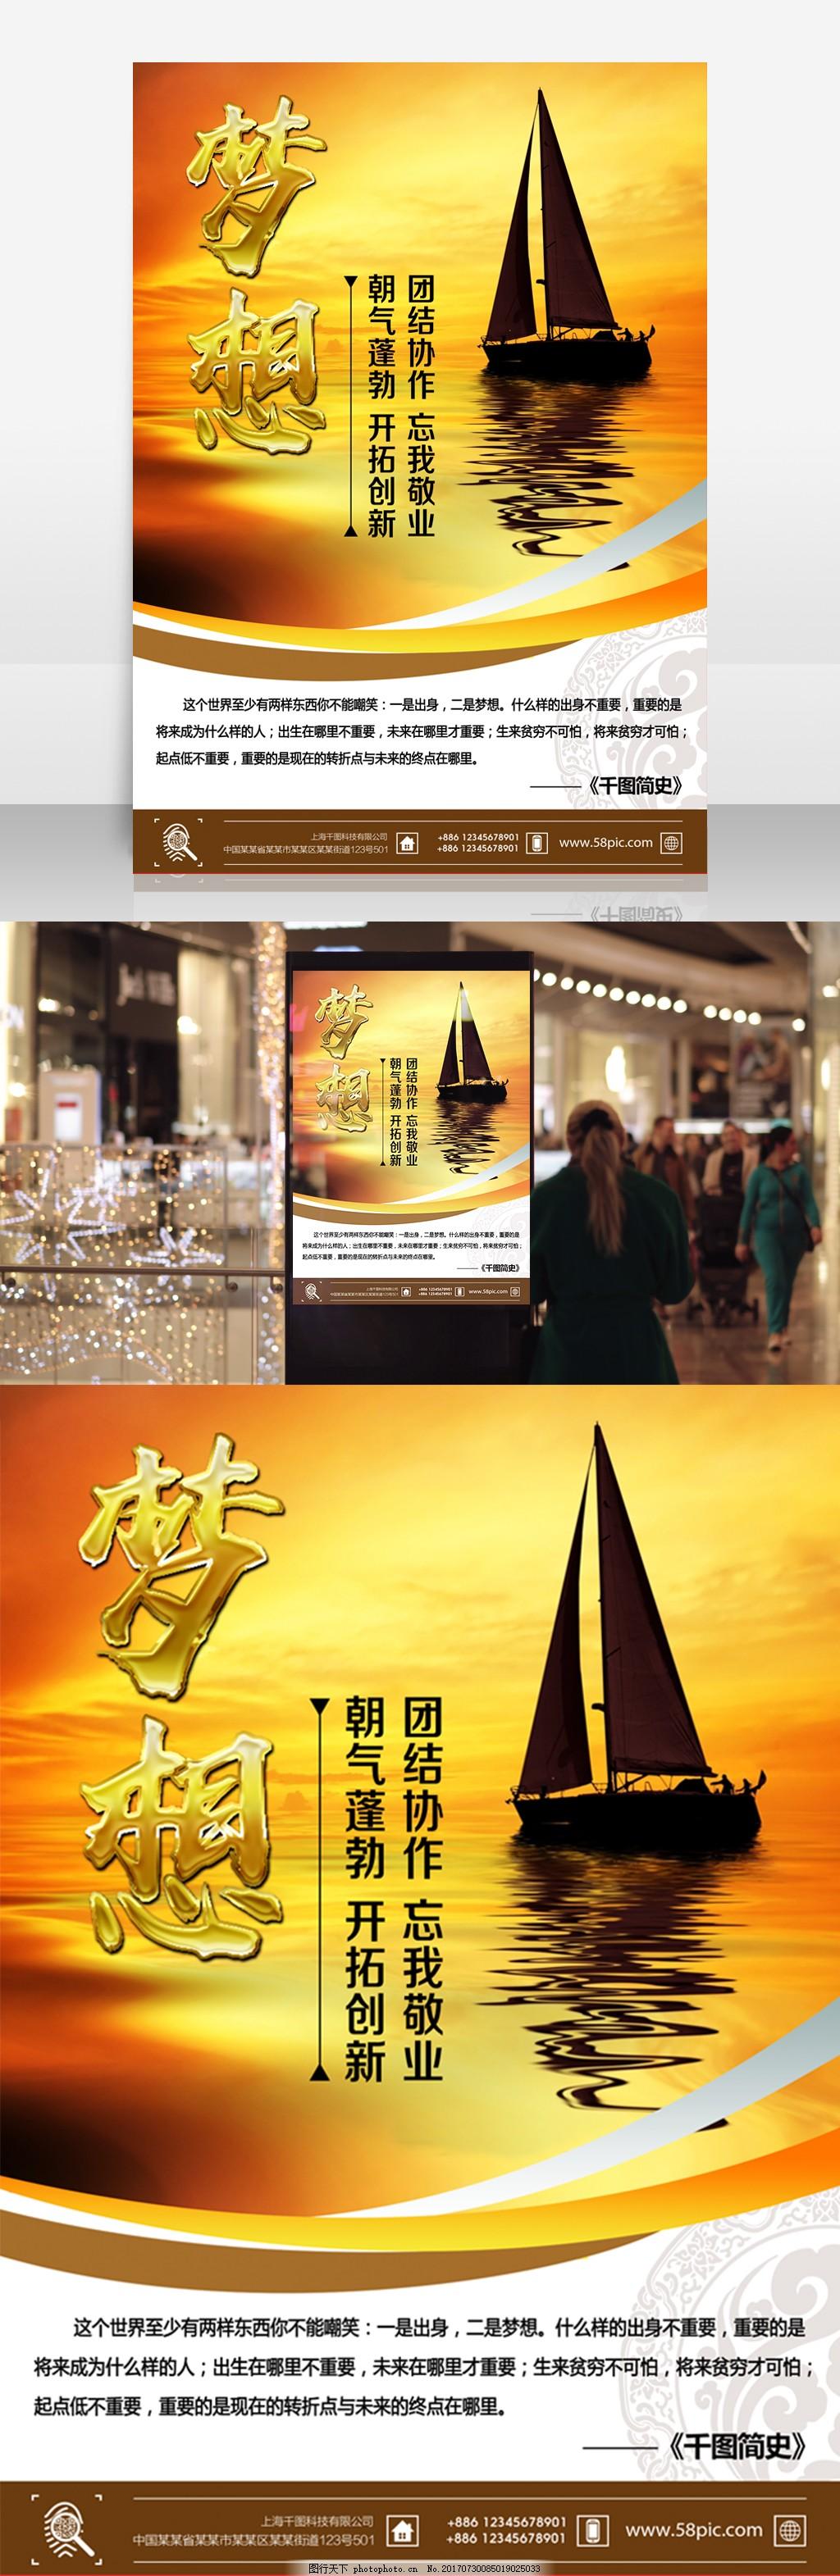 梦想励志企业文化管理宣传海报设计图片 文化宣传海报图片 团结图片 拼搏图片 海平面图片